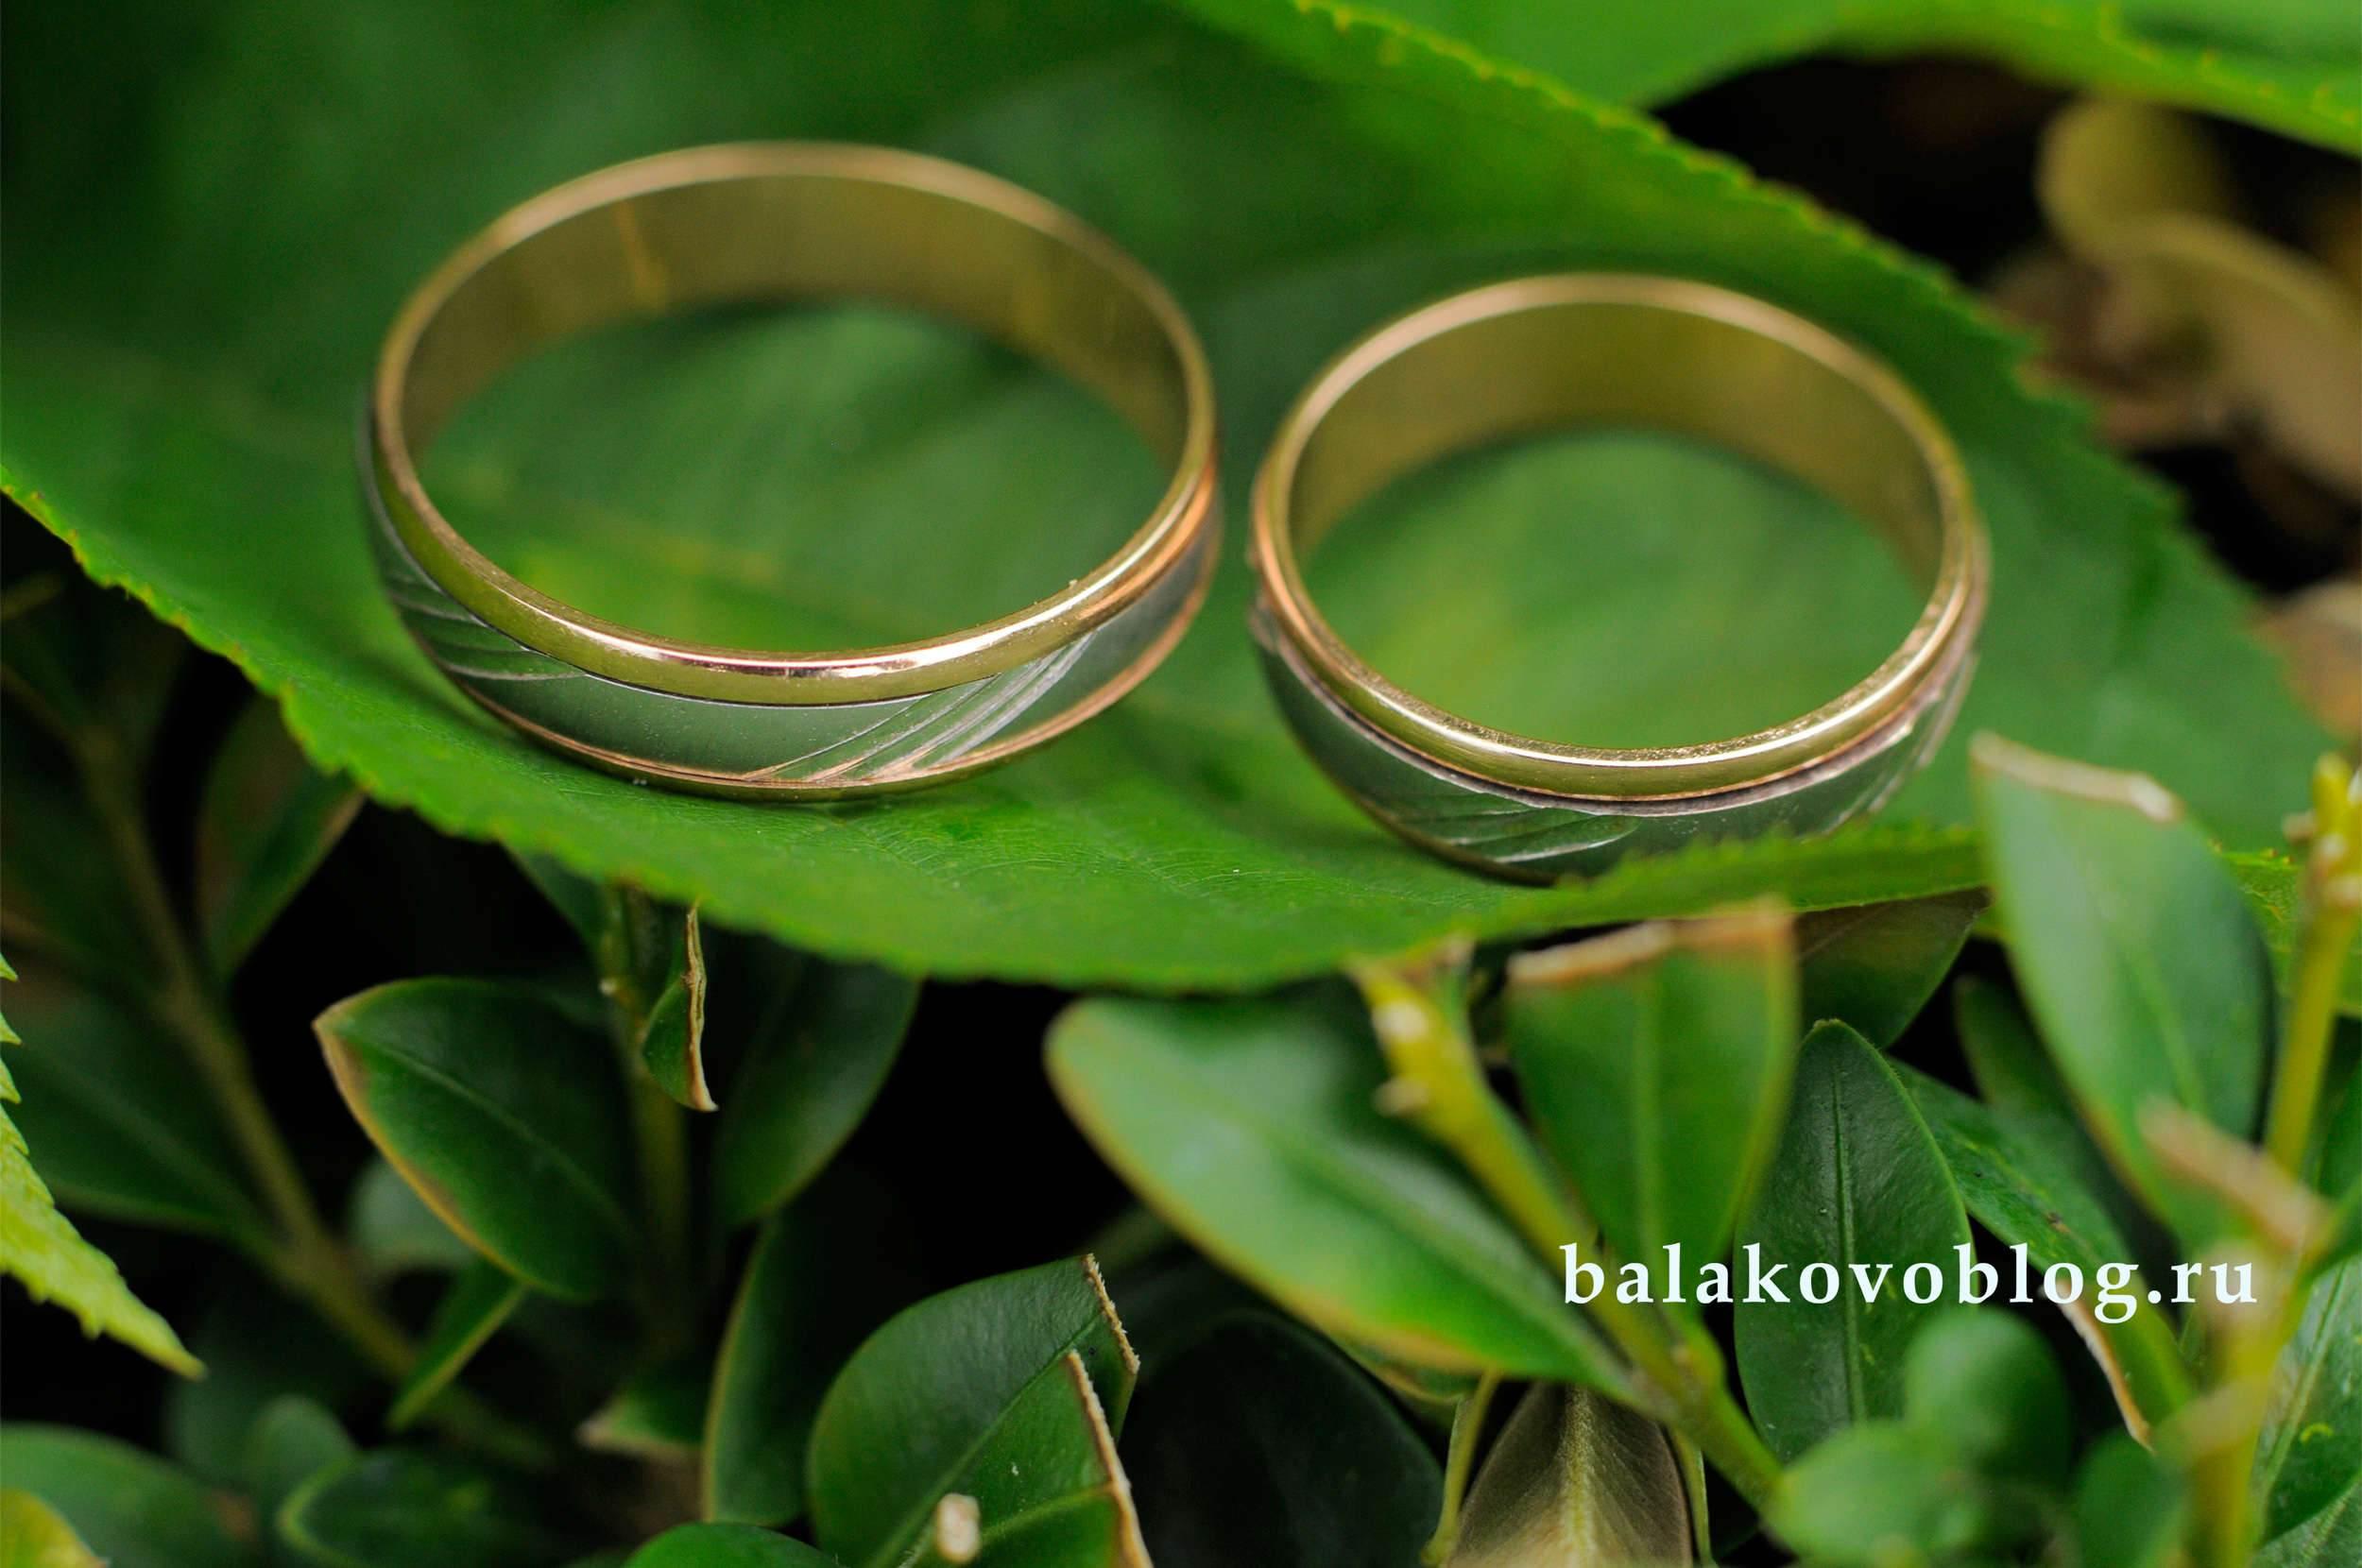 Загс Балаково - обручальные кольца